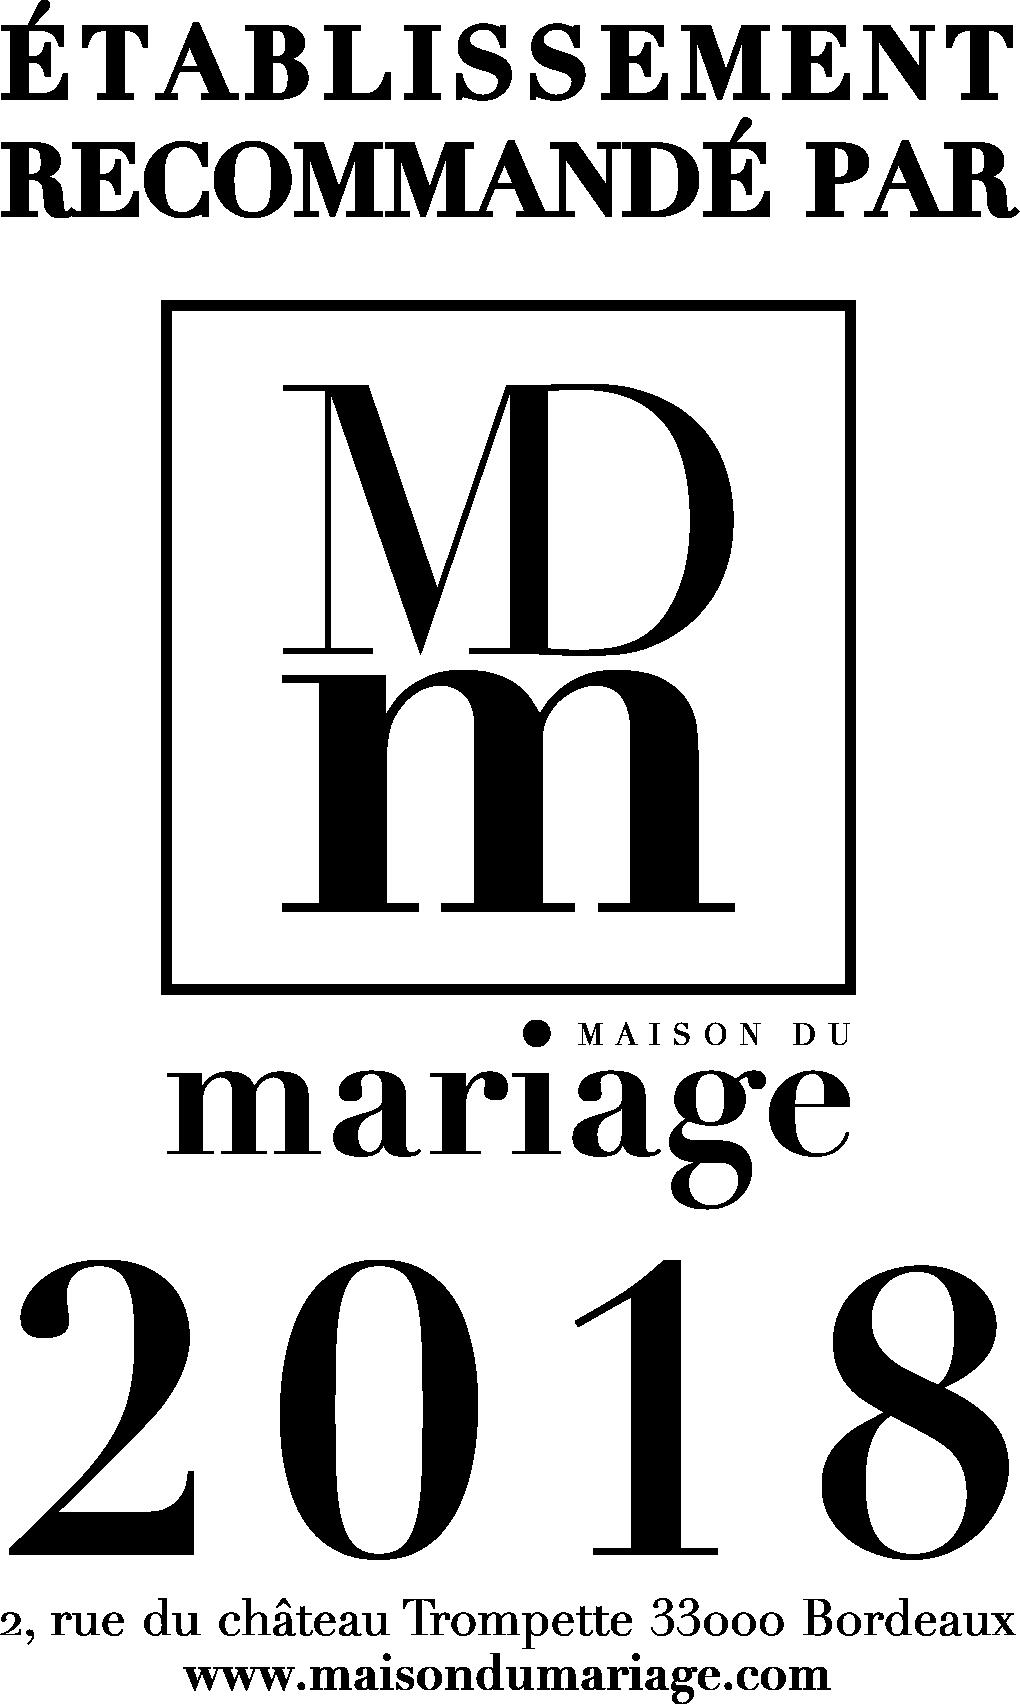 RECOMMANDE PAR MDM 2018.png